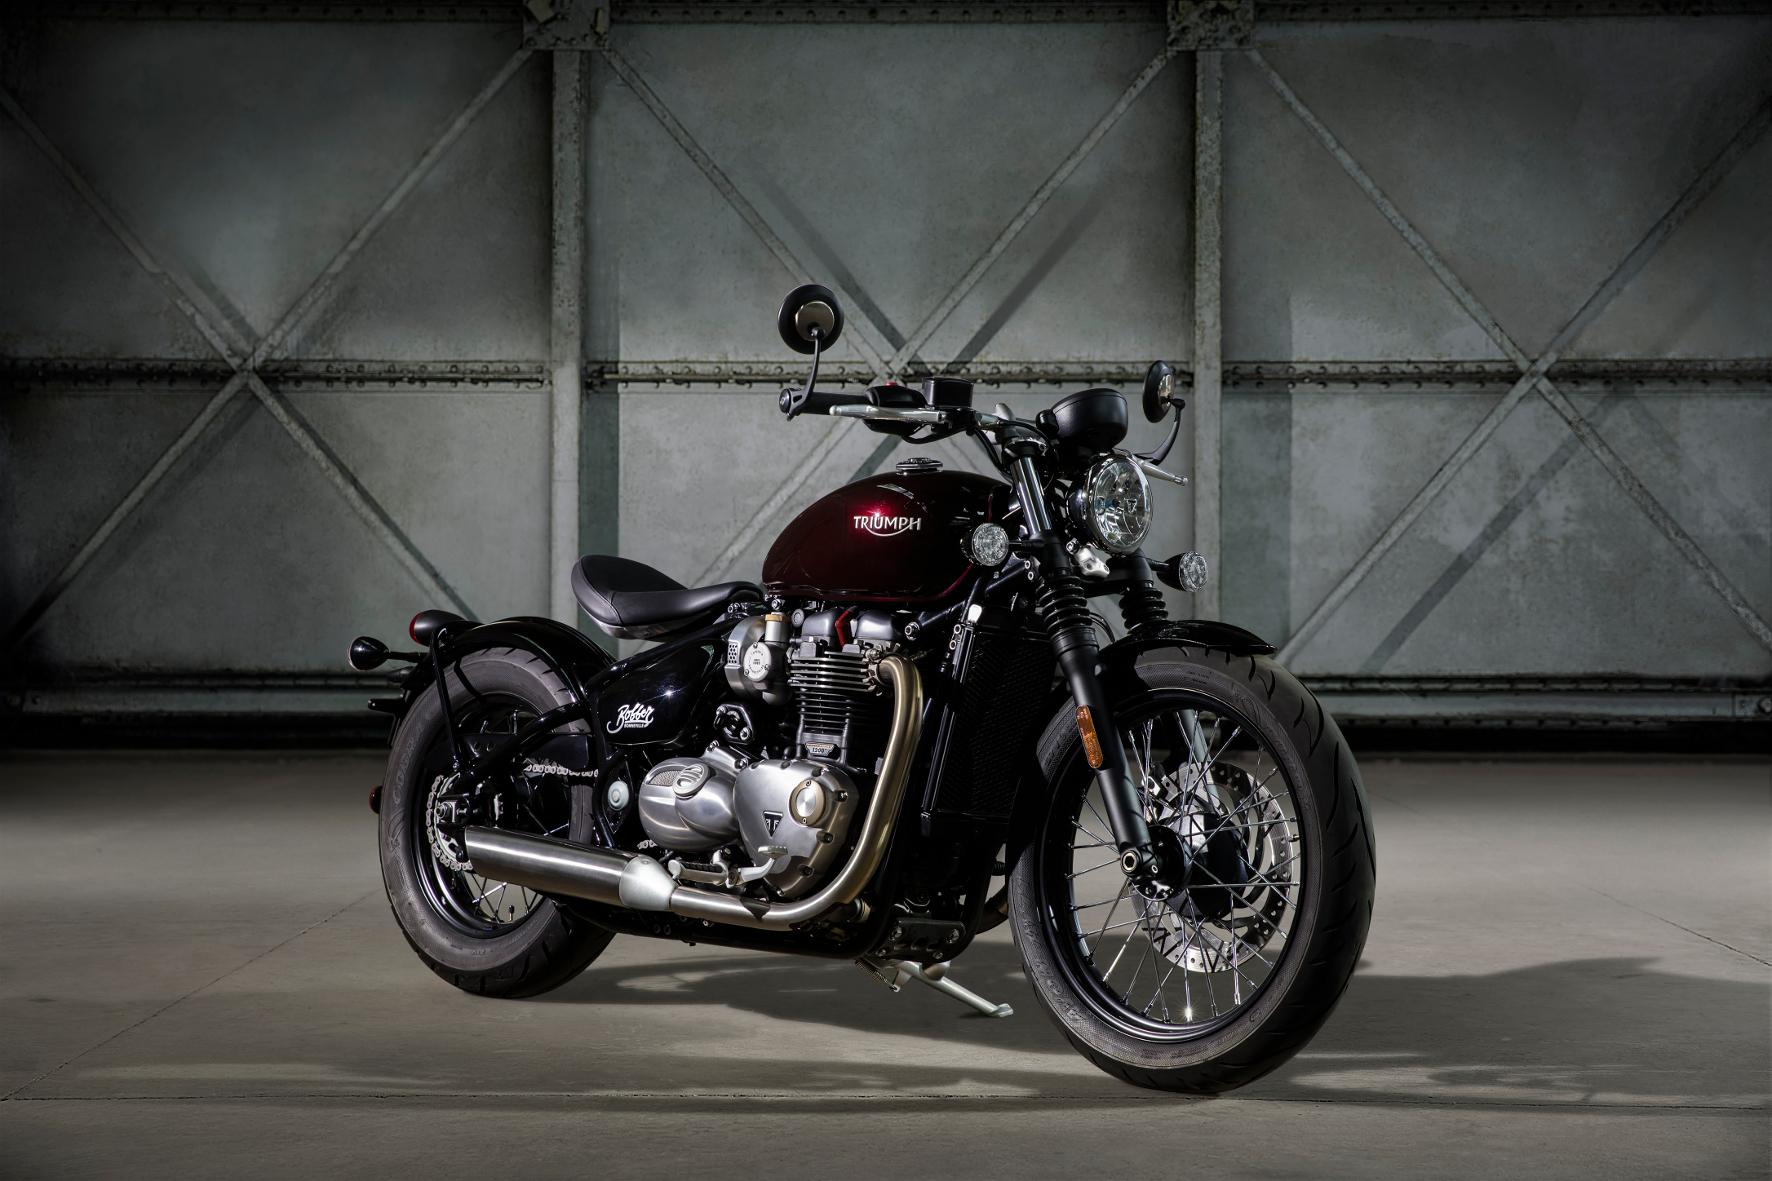 mid Groß-Gerau - Die neue Triumph Bonneville Bobber verbindet puristisches Motorradfahren mit klassischen Design-Zitaten.